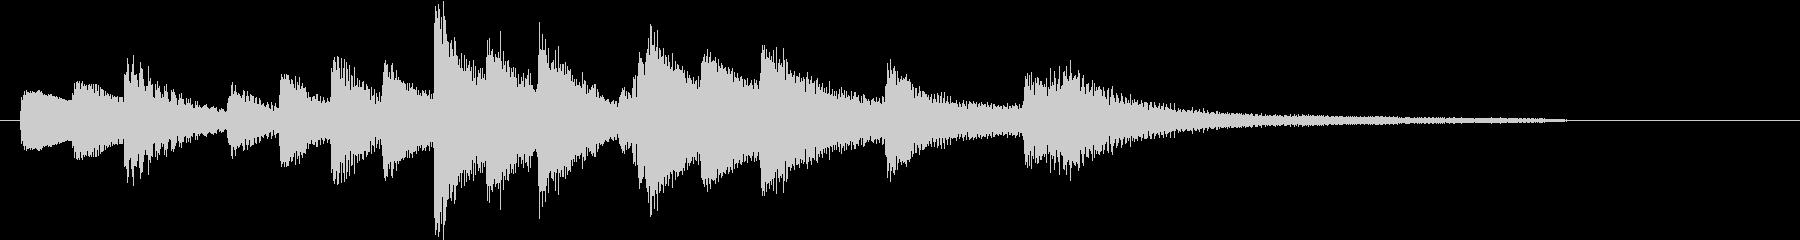 童謡・赤とんぼモチーフのピアノジングルAの未再生の波形